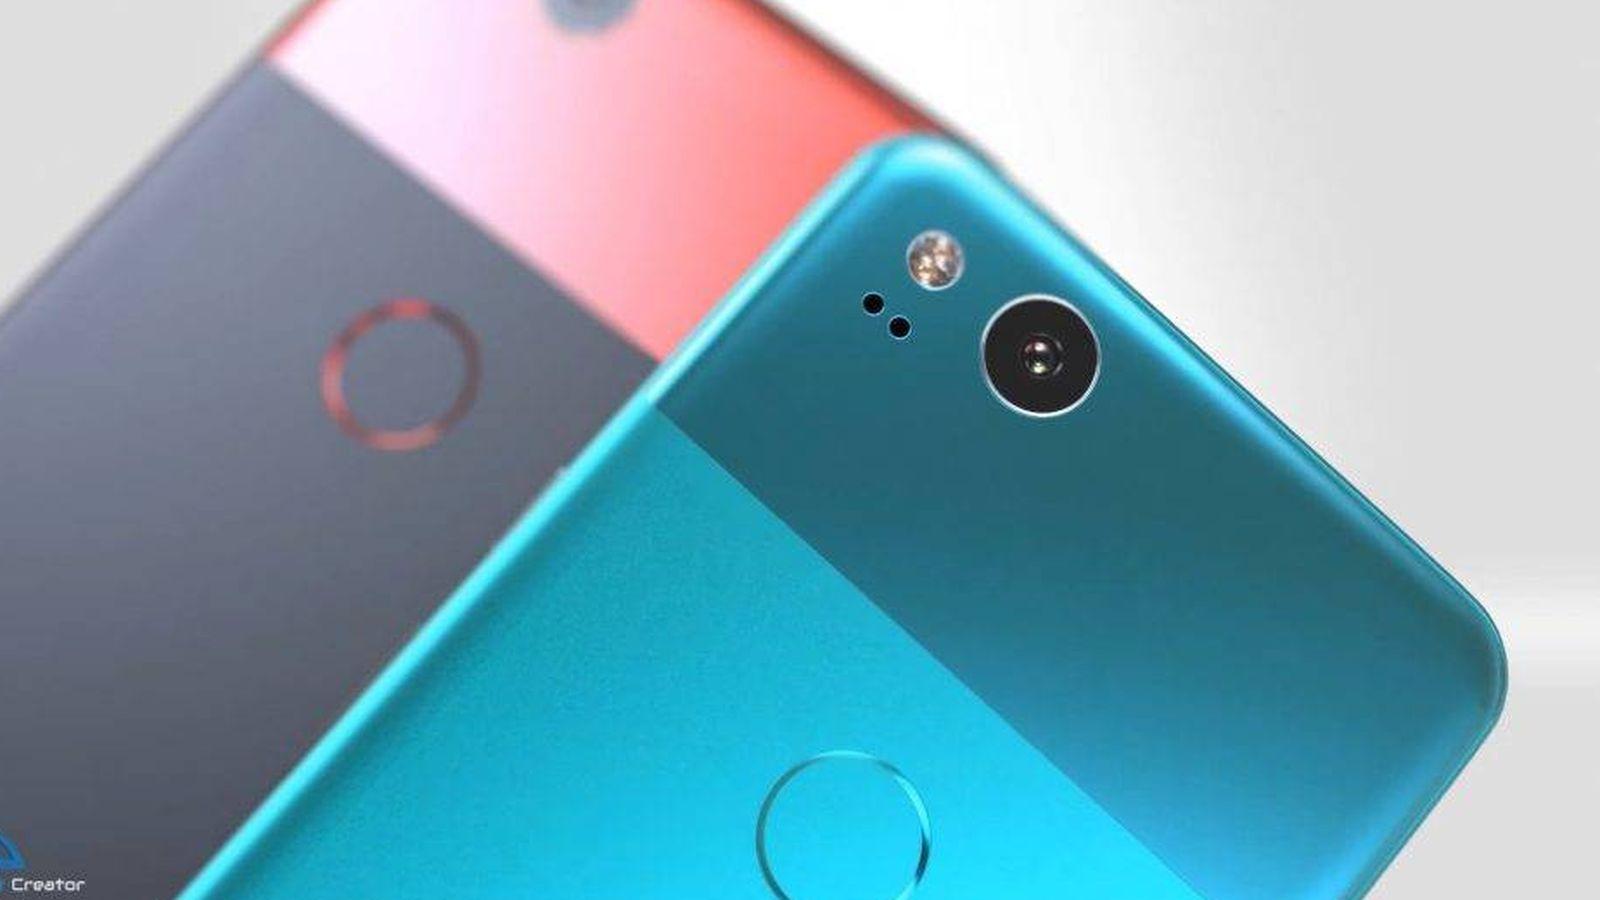 Foto: Render del aspecto que podrían tener los nuevos Pixel. (EC)